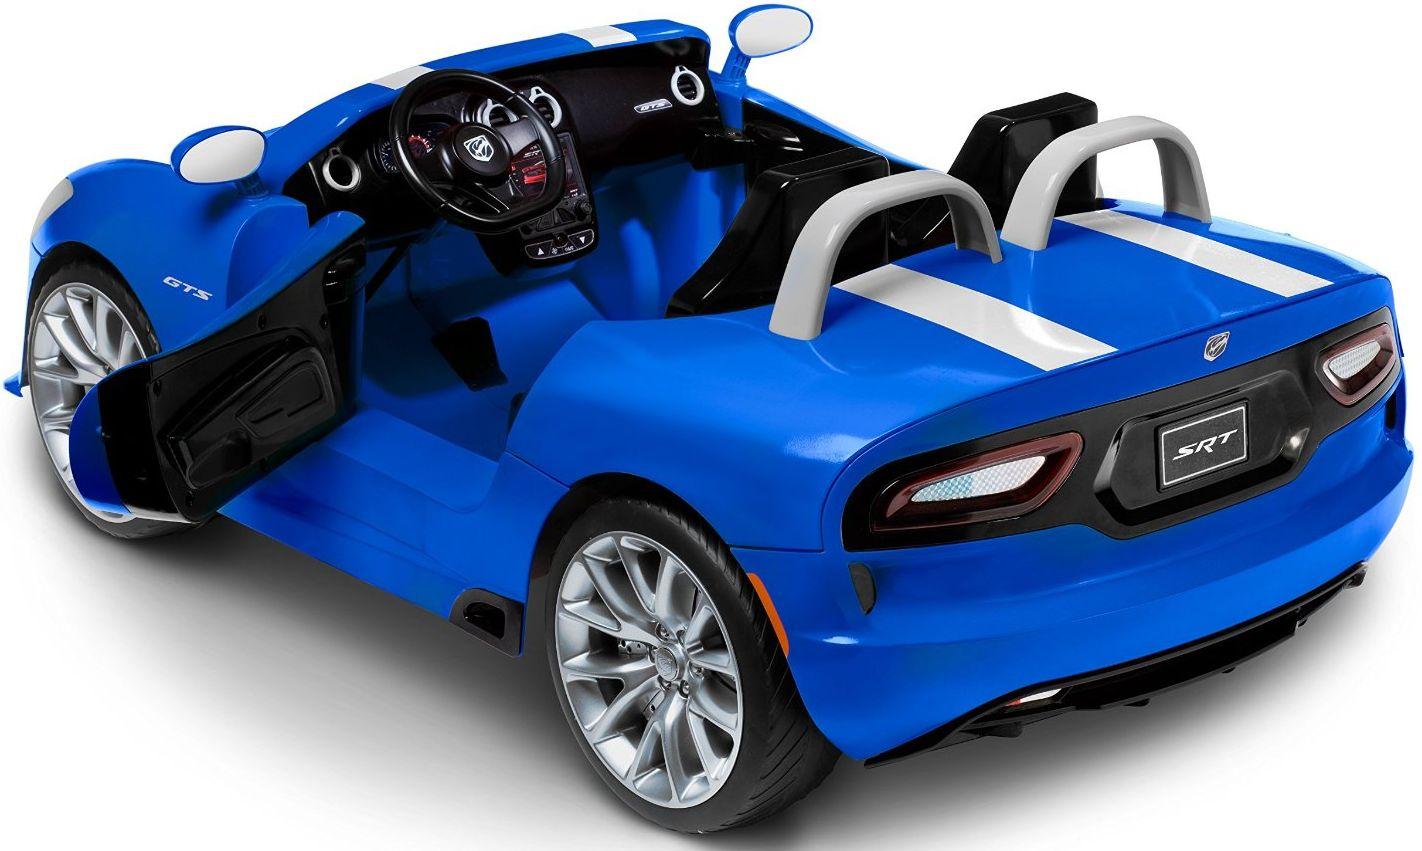 بالصور صور سيارات اطفال , اروع صور سيارات الاطفال 5205 9